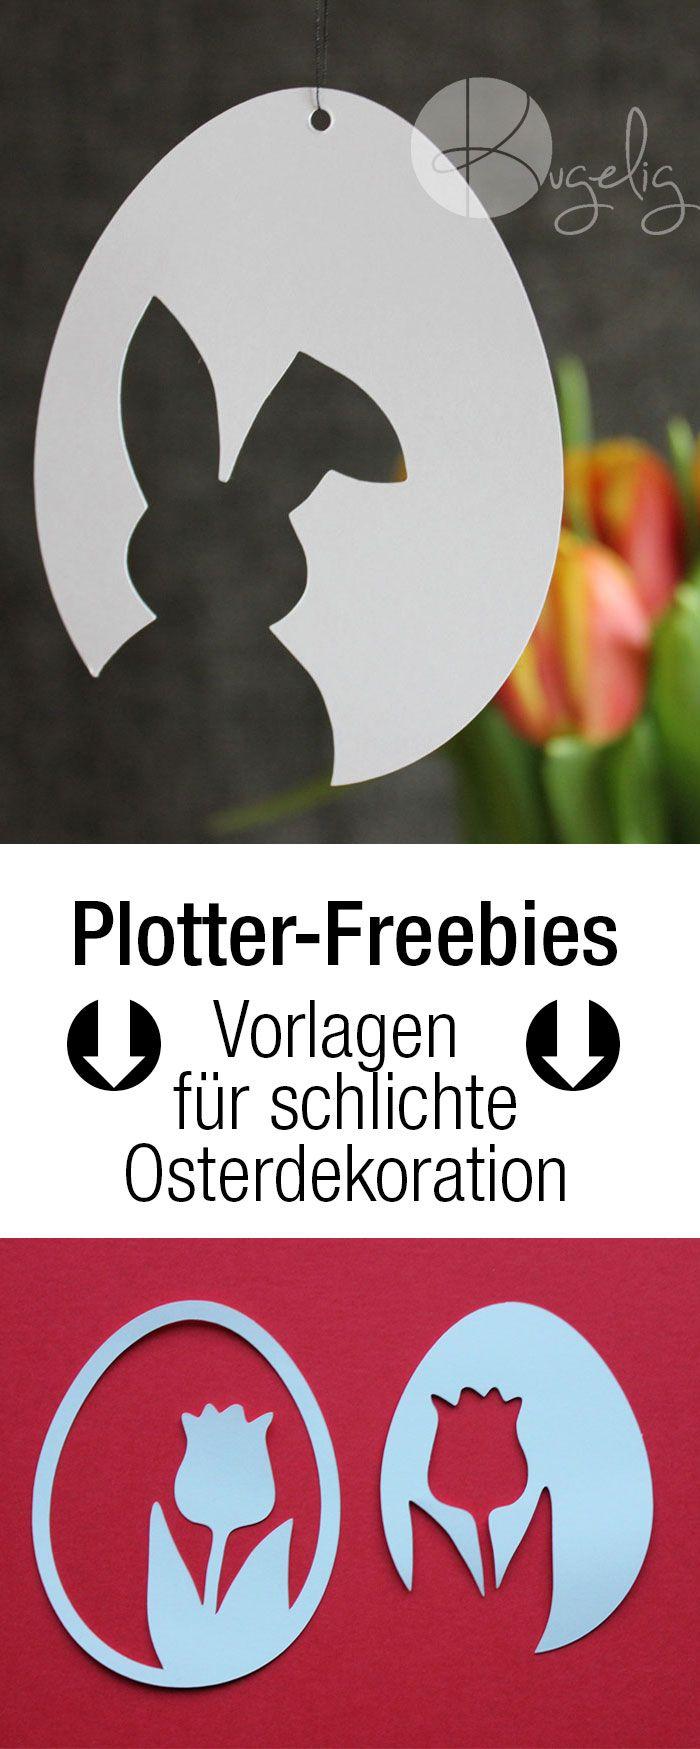 Vorlagen für schlichte Osterdekoration aus Papier, Plotterfreebies, DXF, SVG, PDF